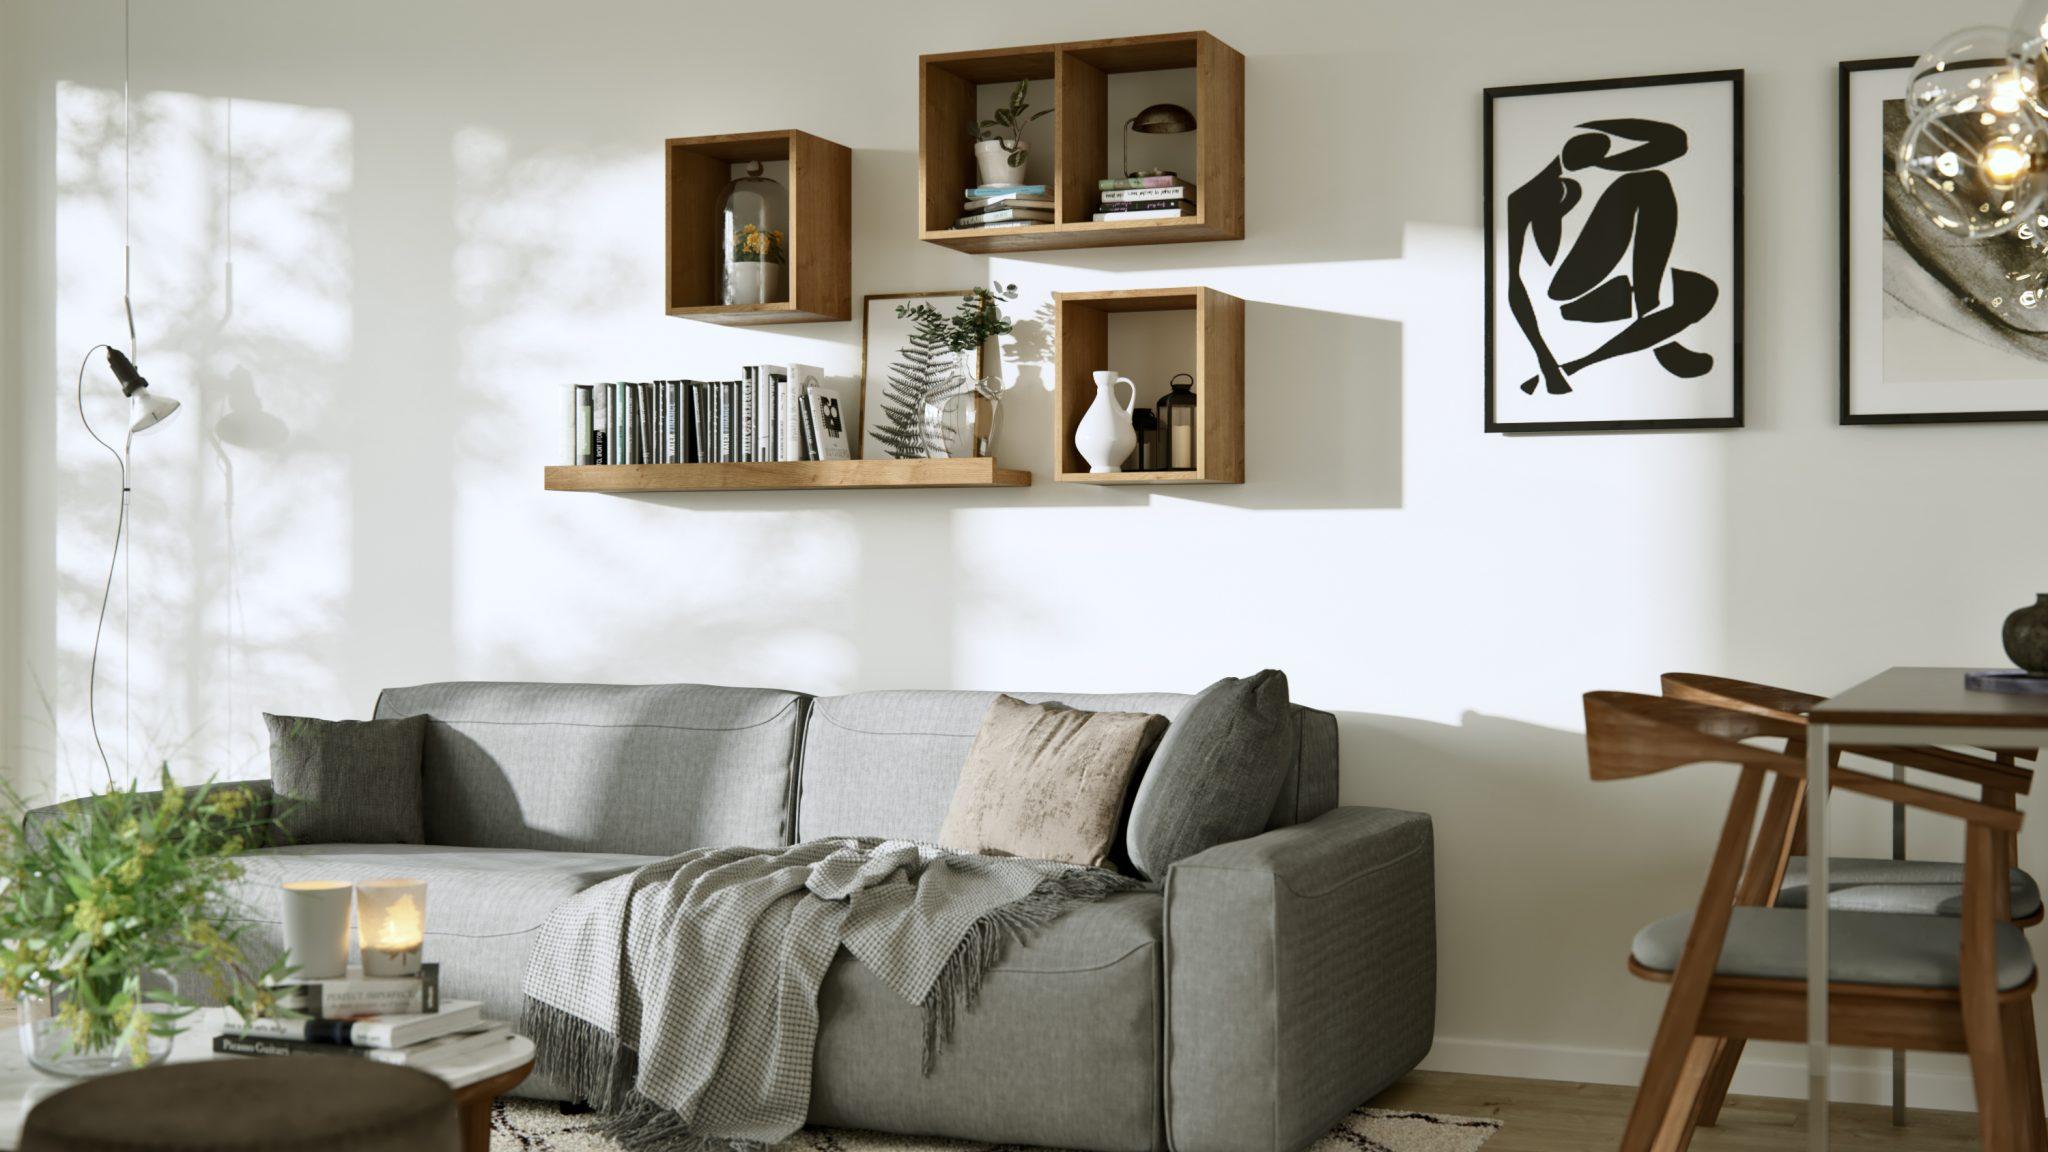 shelves, hyllyt, open shelf, avohyllykkö, metal shelves, metallihyllyt, wooden shelf, puuhylly, wall shelf for the kitchen, seinähylly keittiöön, wall shelving, seinähyllykkö, metal shelving, metallihyllykkö, wooden wall shelf, puinen seinähylly, wooden wall shelves, puiset seinähyllyt, wine shelf, puinen hylly, wooden storage shelf, puinen varastohylly, wooden shelves, oak shelf, tammihylly, wardrobe with shelves, vaatekaappi hyllyillä, open shelf on the wall, avohylly seinälle, shelf in the bathroom, hyllykkö kylpyhuoneeseen, wooden shelf, puinen hyllykkö, wooden shelf support, puinen hyllynkannatin, showcase bookshelf, vitriini kirjahylly, wooden bookshelf, puinen kirjahylly, bookshelf display case, kirjahylly vitriini,bookshelf oak, kirjahylly tammi, large bookshelf, iso kirjahylly, bookshelf low, kirjahylly matala, bookshelf module, kirjahylly moduuli, bookshelf wood, kirjahylly puu, bookshelf of wood, kirjahylly puuta, custom made bookshelf, mittatilaus kirjahylly, bookshelf birch, kirjahylly koivu, boo